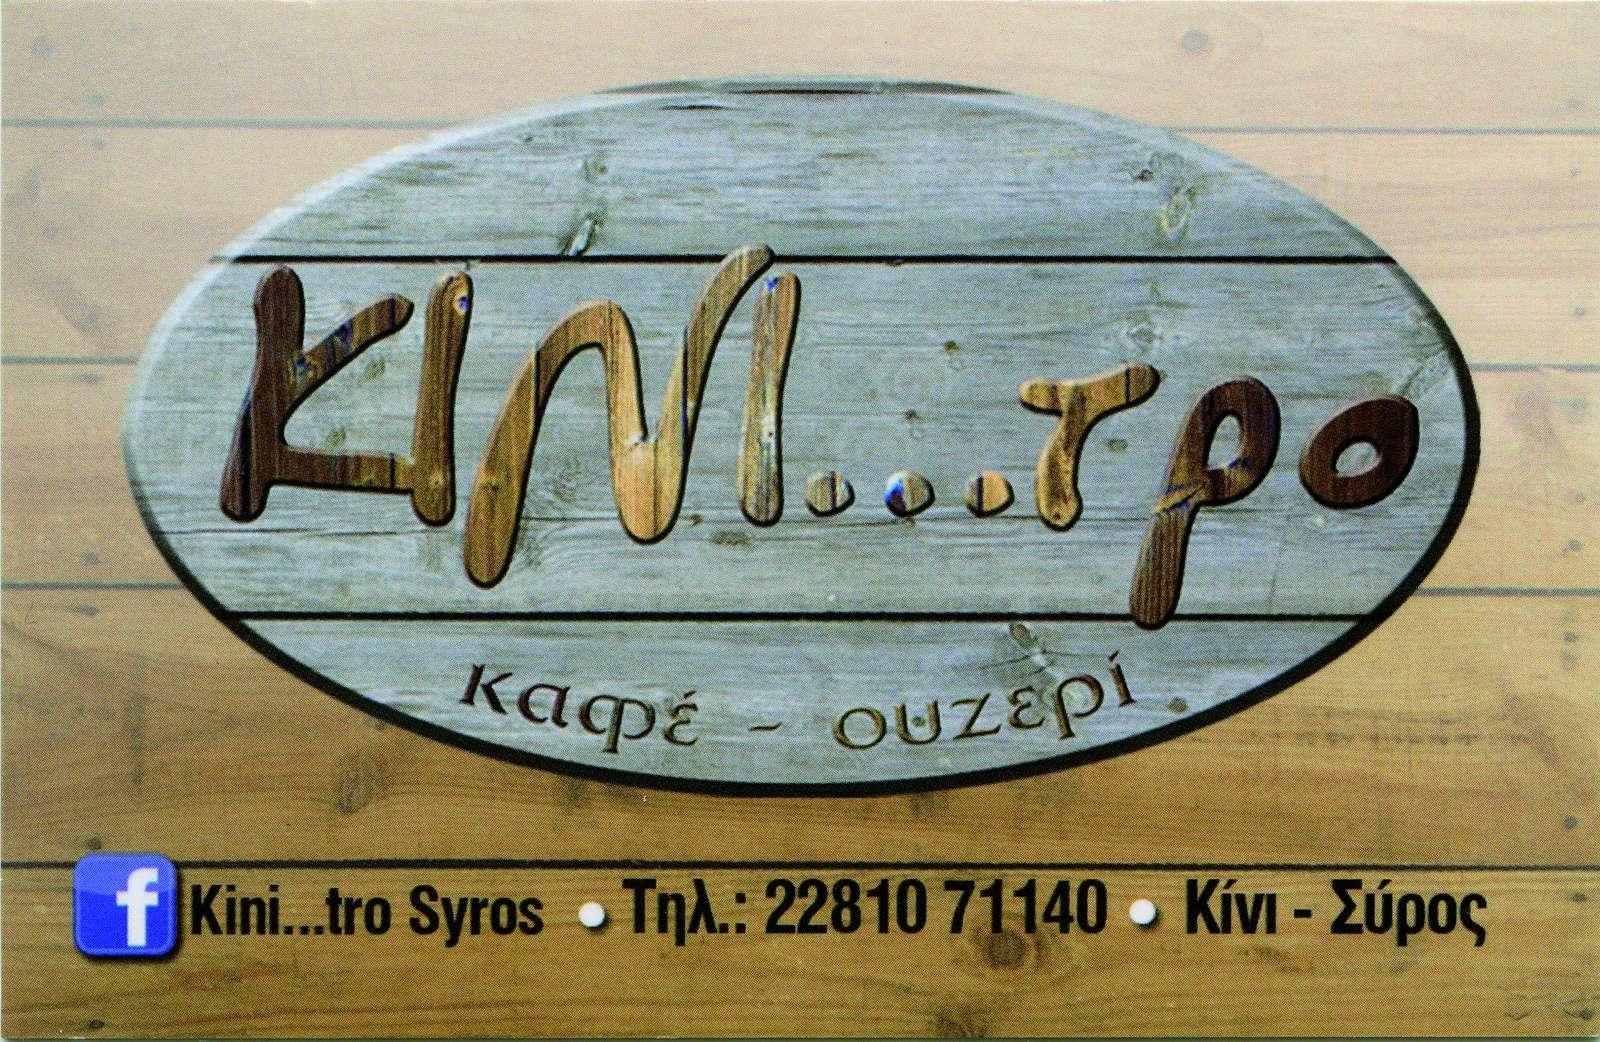 KINI…τρο  Καφέ – Ουζερί